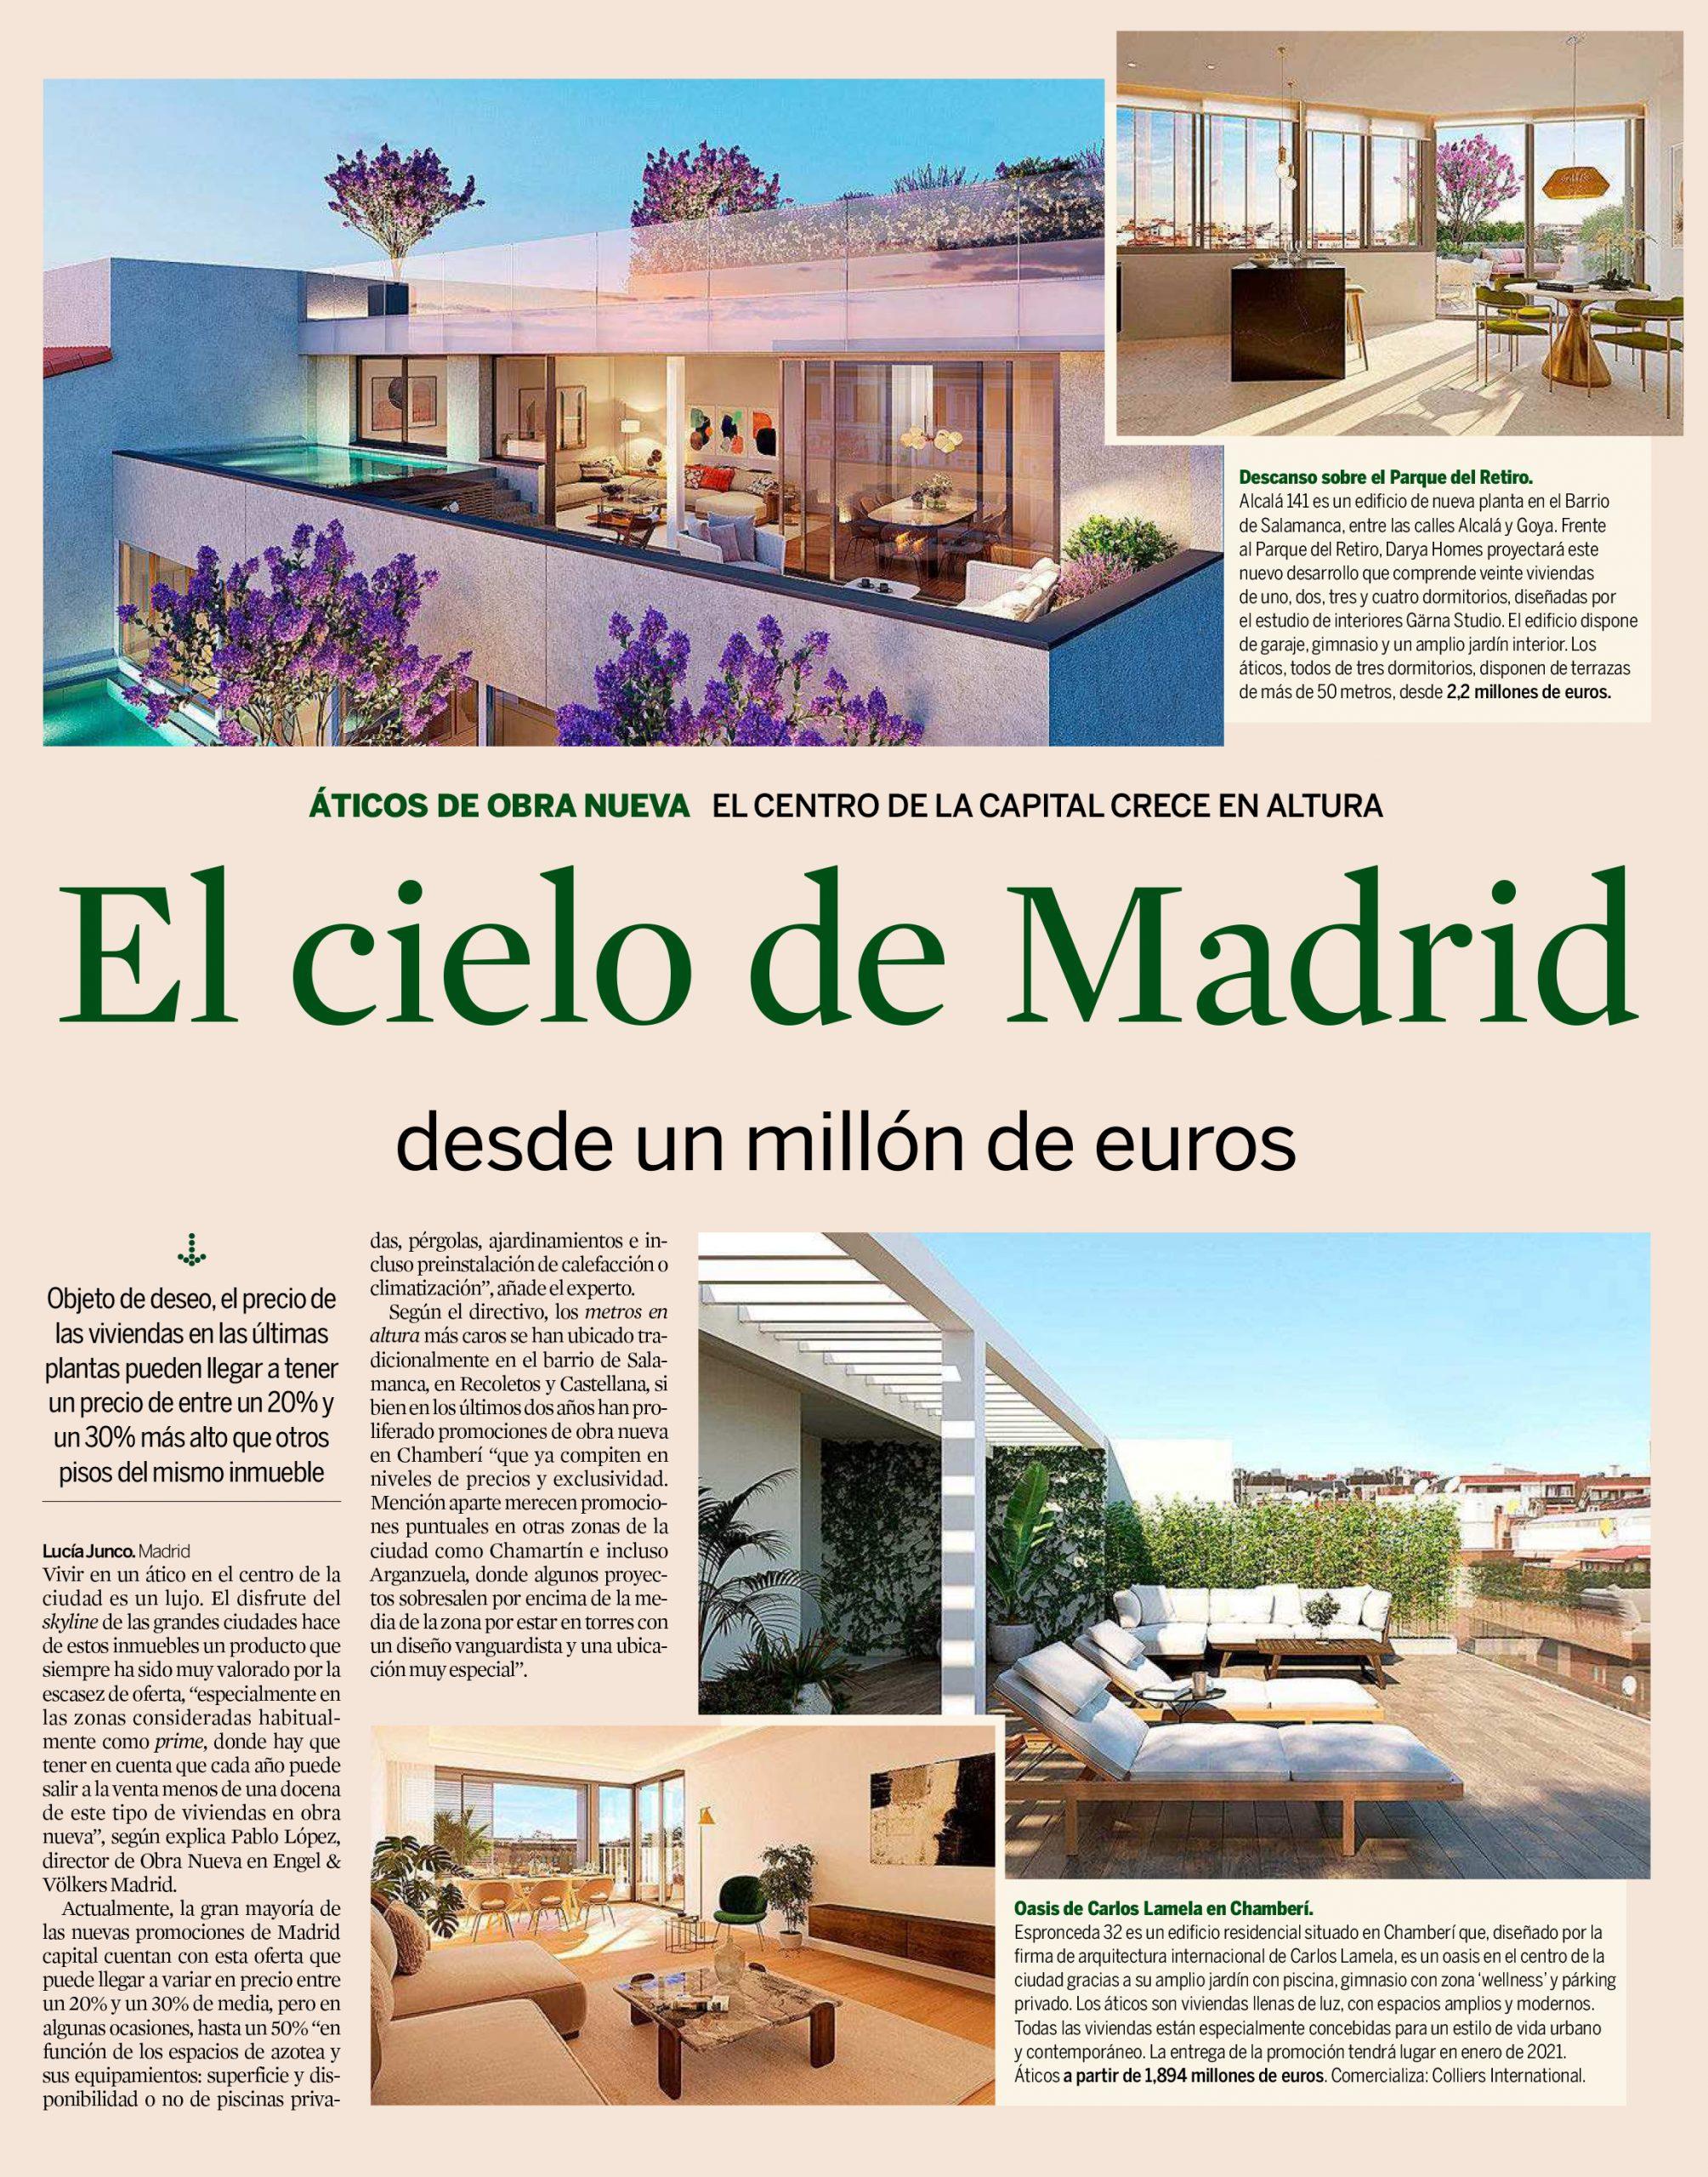 Expansion_El-cielo-de-Madrid_25oct2019-1